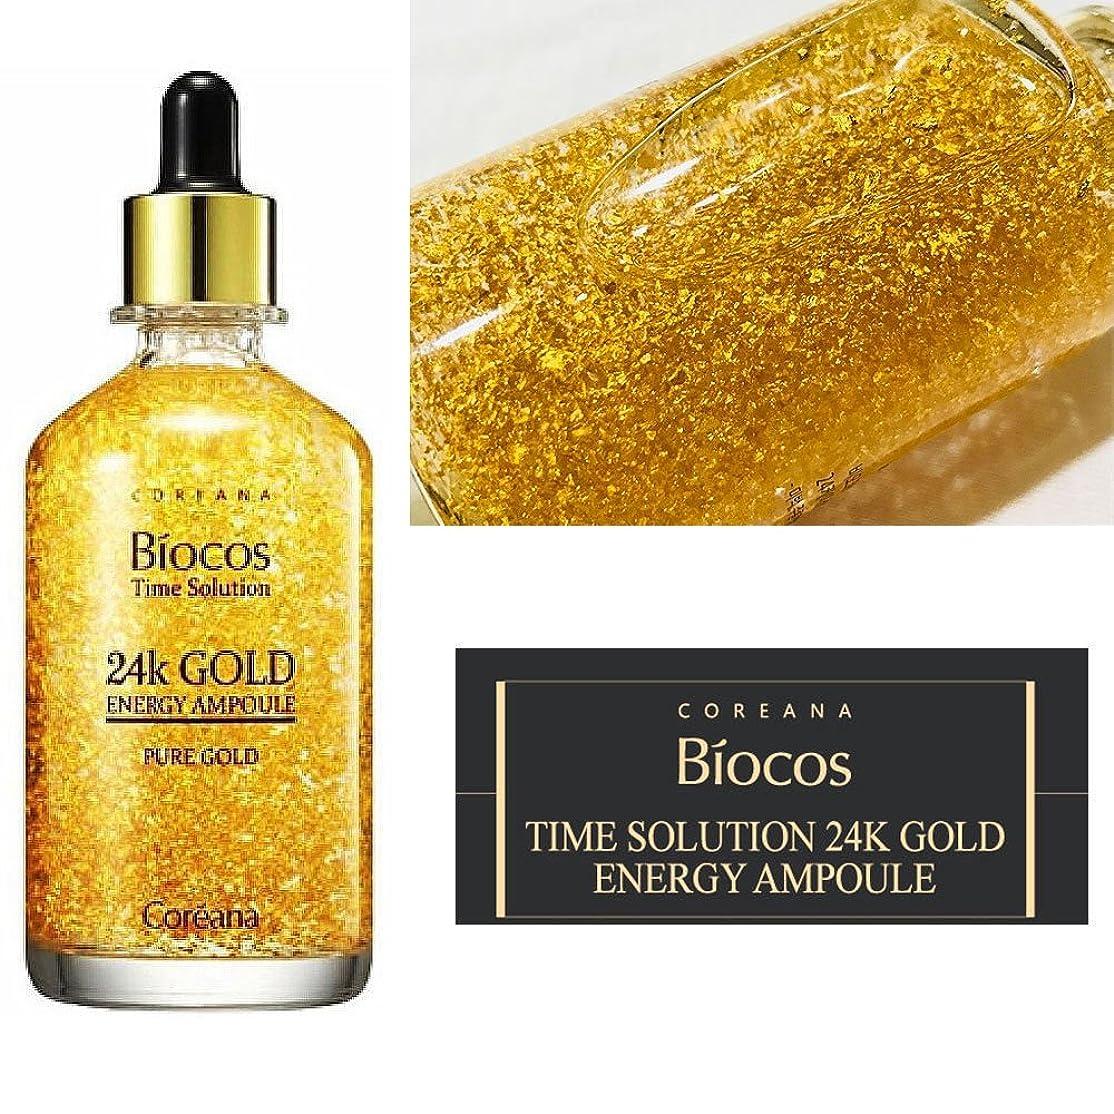 機密ハイランド地理[COREANA] Biocos Time Solution 24kゴールドエナジーアンプル100ml/[COREANA] Biocos Time Solution 24K Gold Energy Ampoule - 100ml